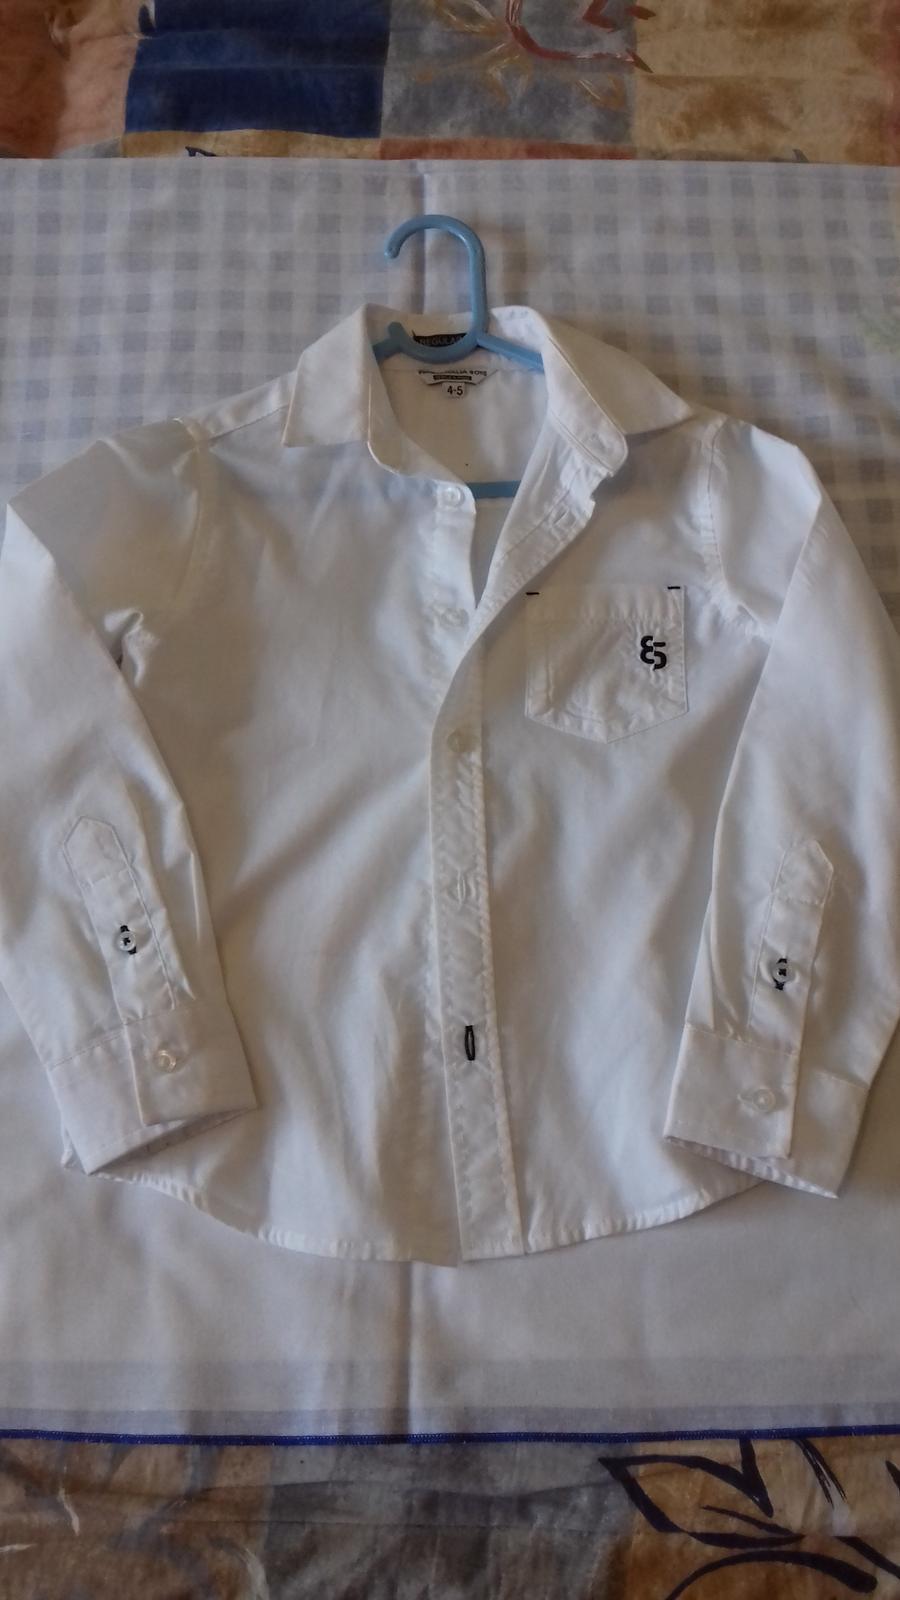 Svadobná biela košeľa s dlhým rukávom  - Obrázok č. 2